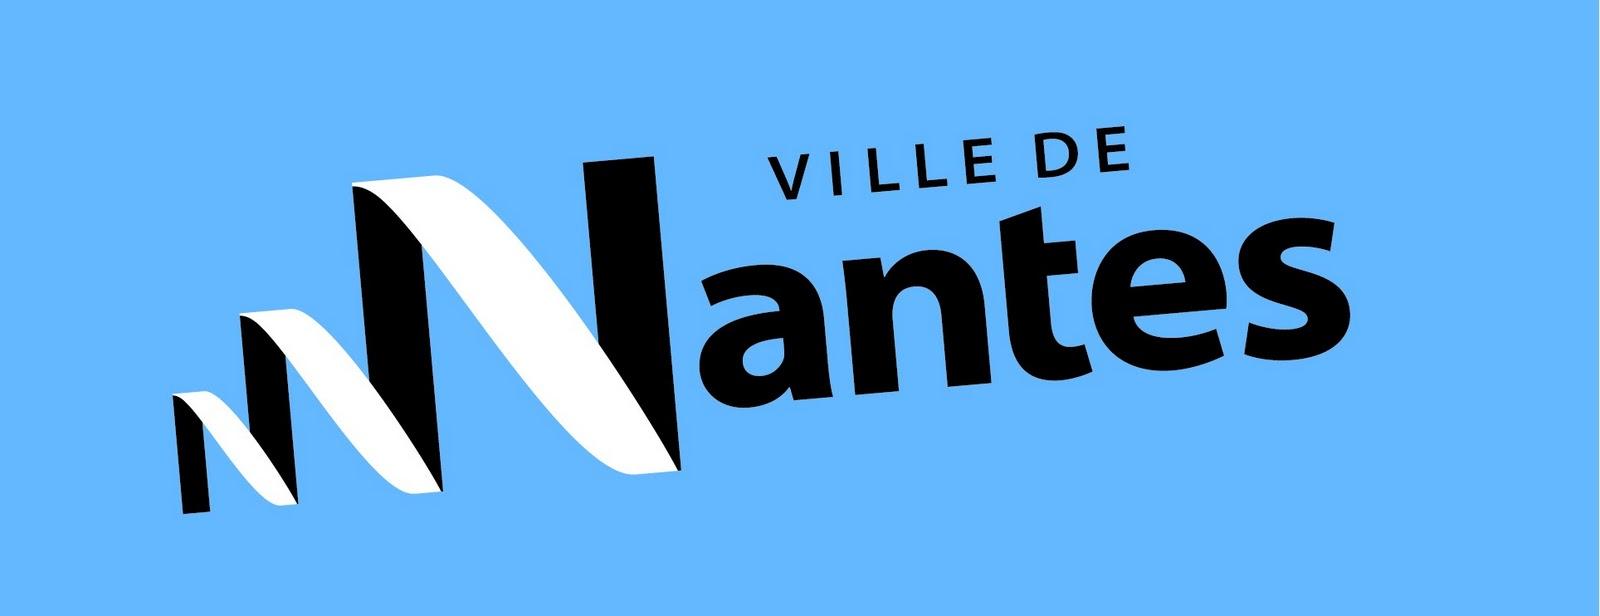 logo-ville-de-nantes-2005